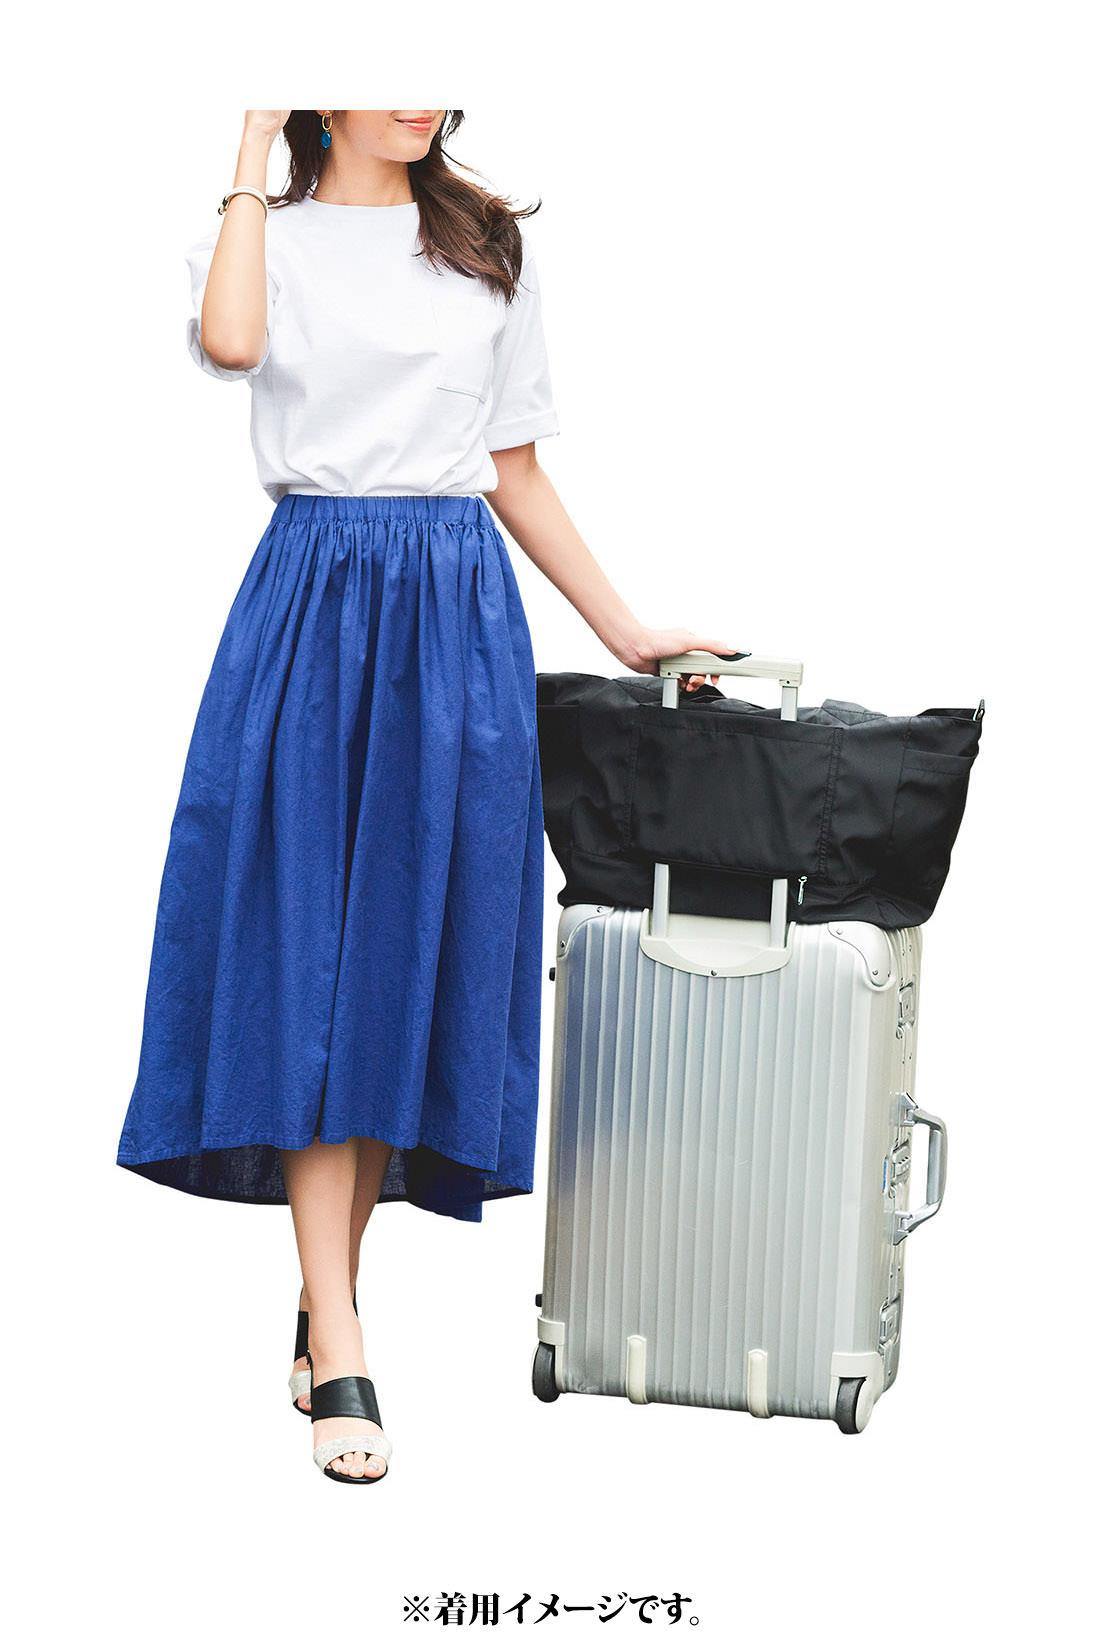 旅行では、機内持ち込みバッグとして活躍。キャリーバッグの持ち手に固定できるスリーブ付きで、使わないときは底のファスナーを閉じればポケットにもなります。